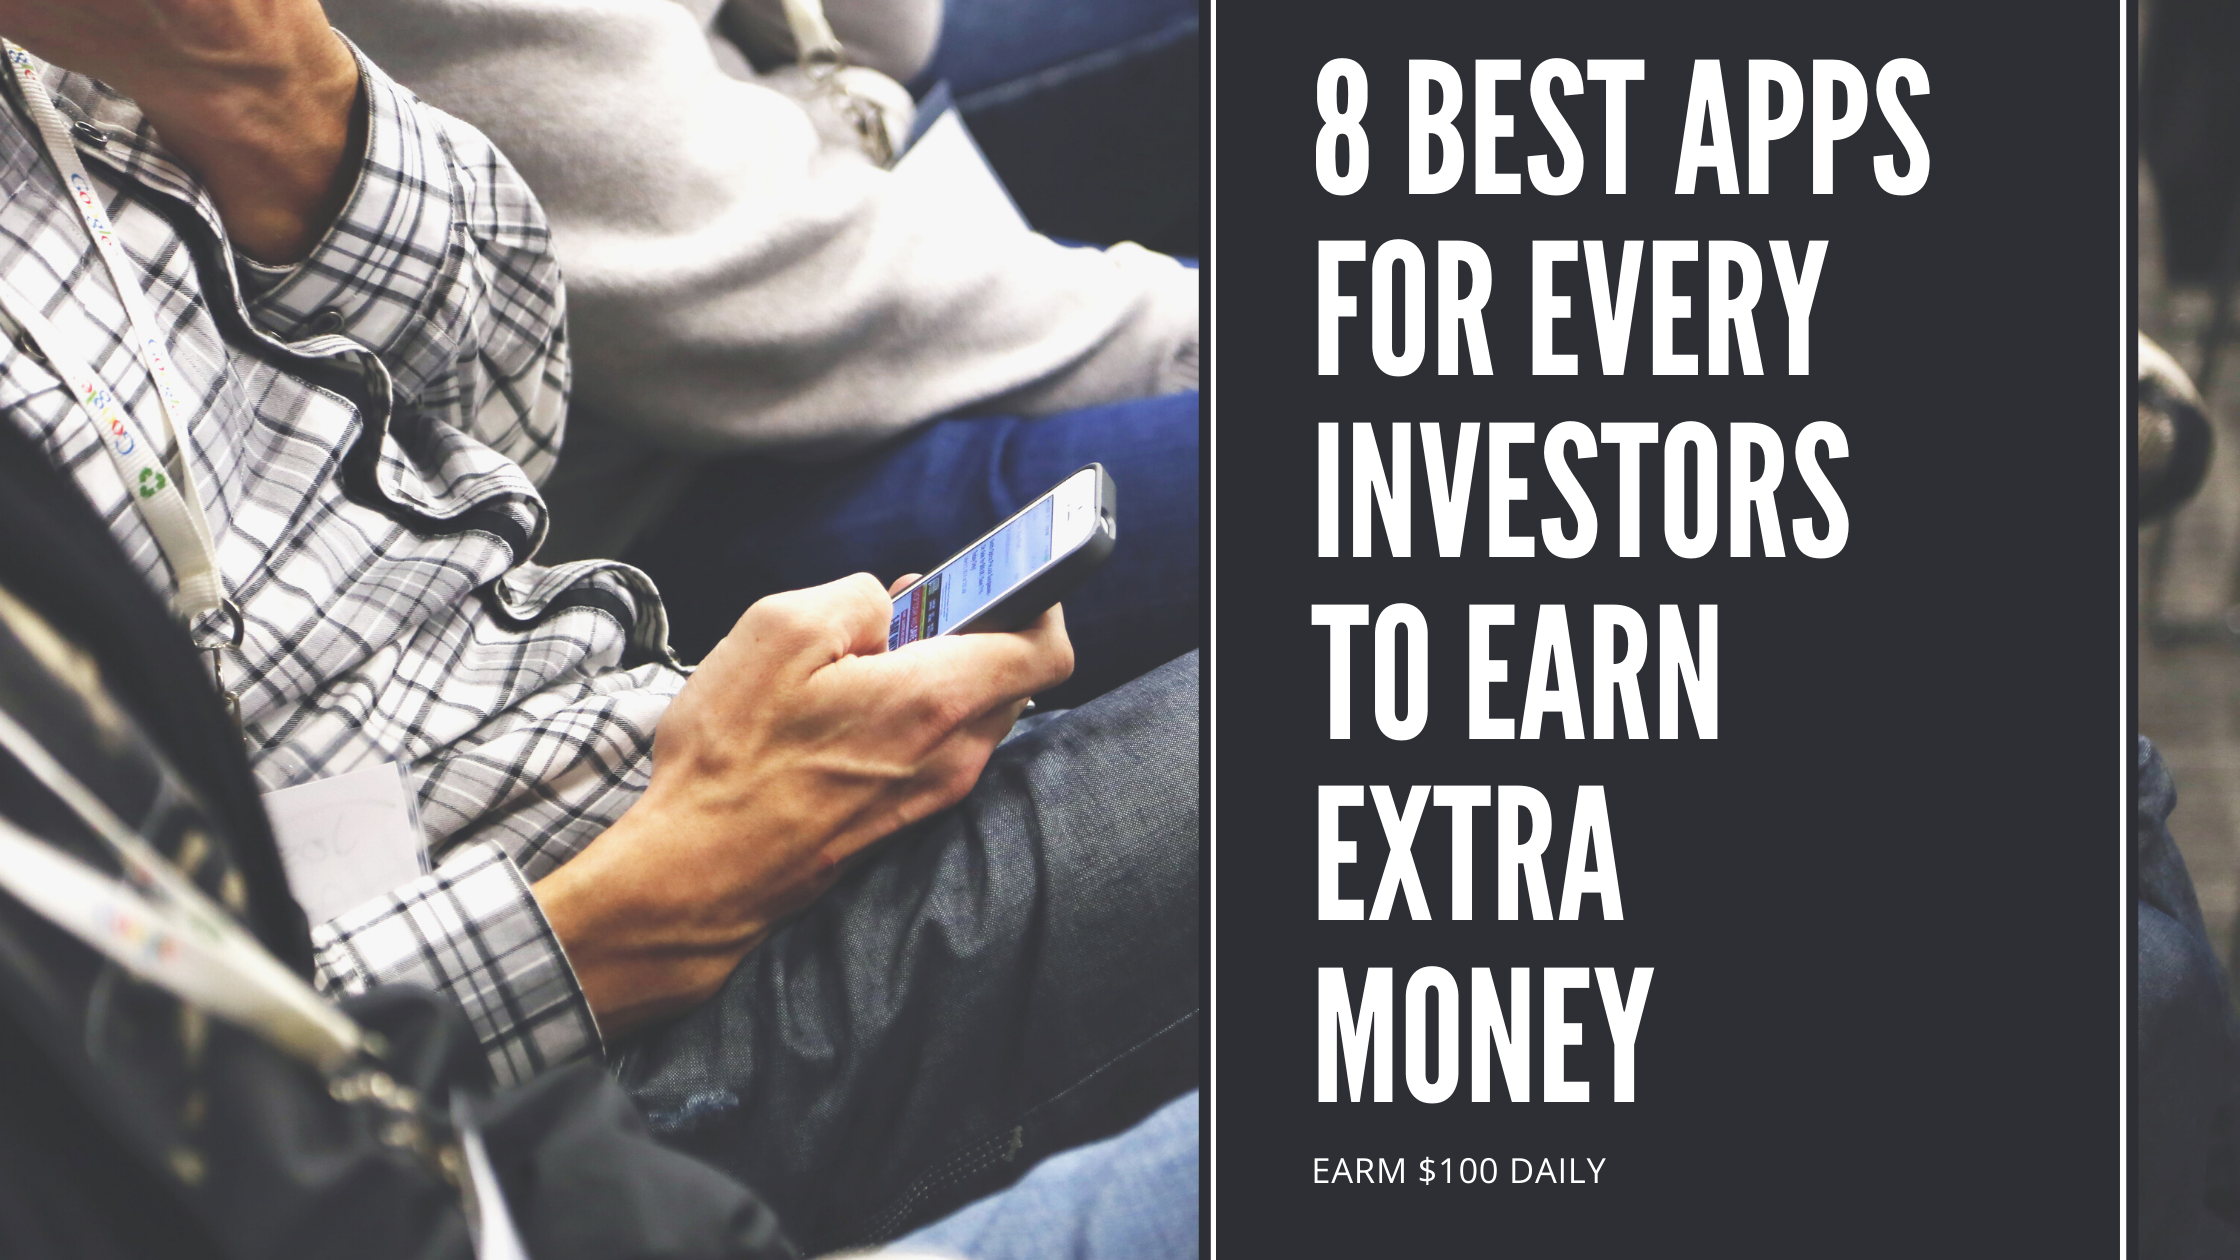 8 Best App for Investors Earn Money Online in 2020 Top